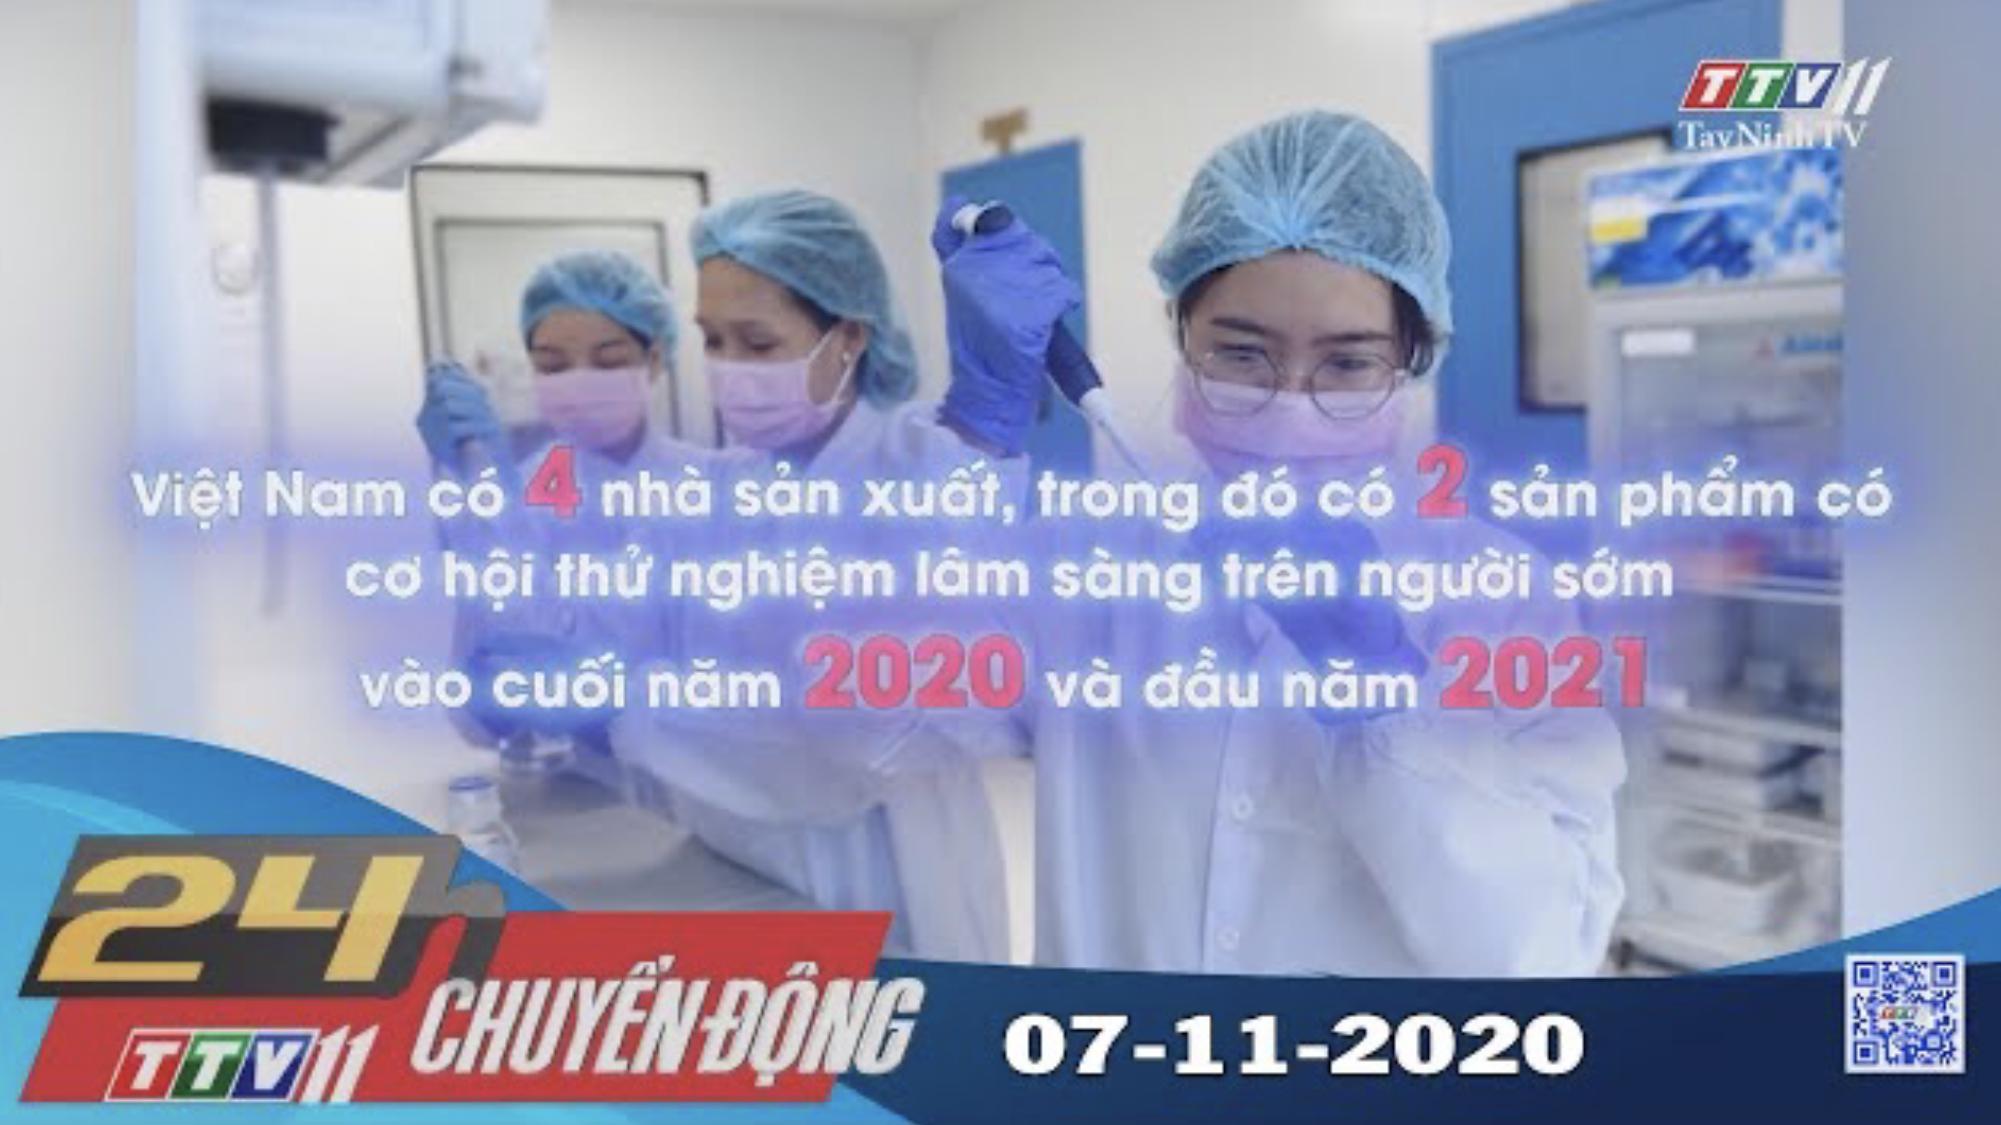 24h Chuyển động 07-11-2020 | Tin tức hôm nay | TayNinhTV